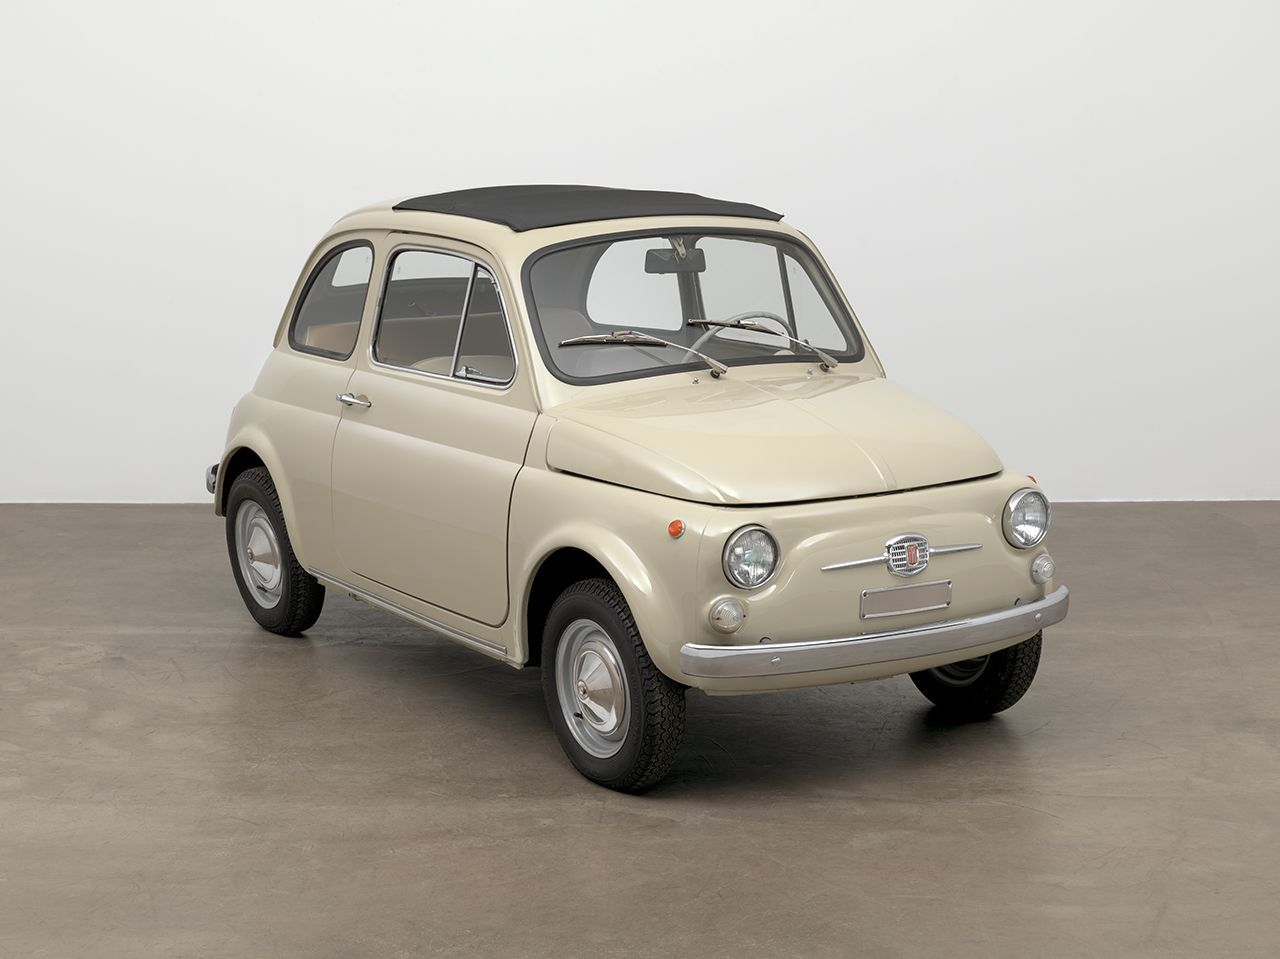 """Διάκριση για τo project """"To Fiat 500 στη συλλογή του MoMA"""" στον θεσμό """"Corporate Art Awards 2017""""!"""